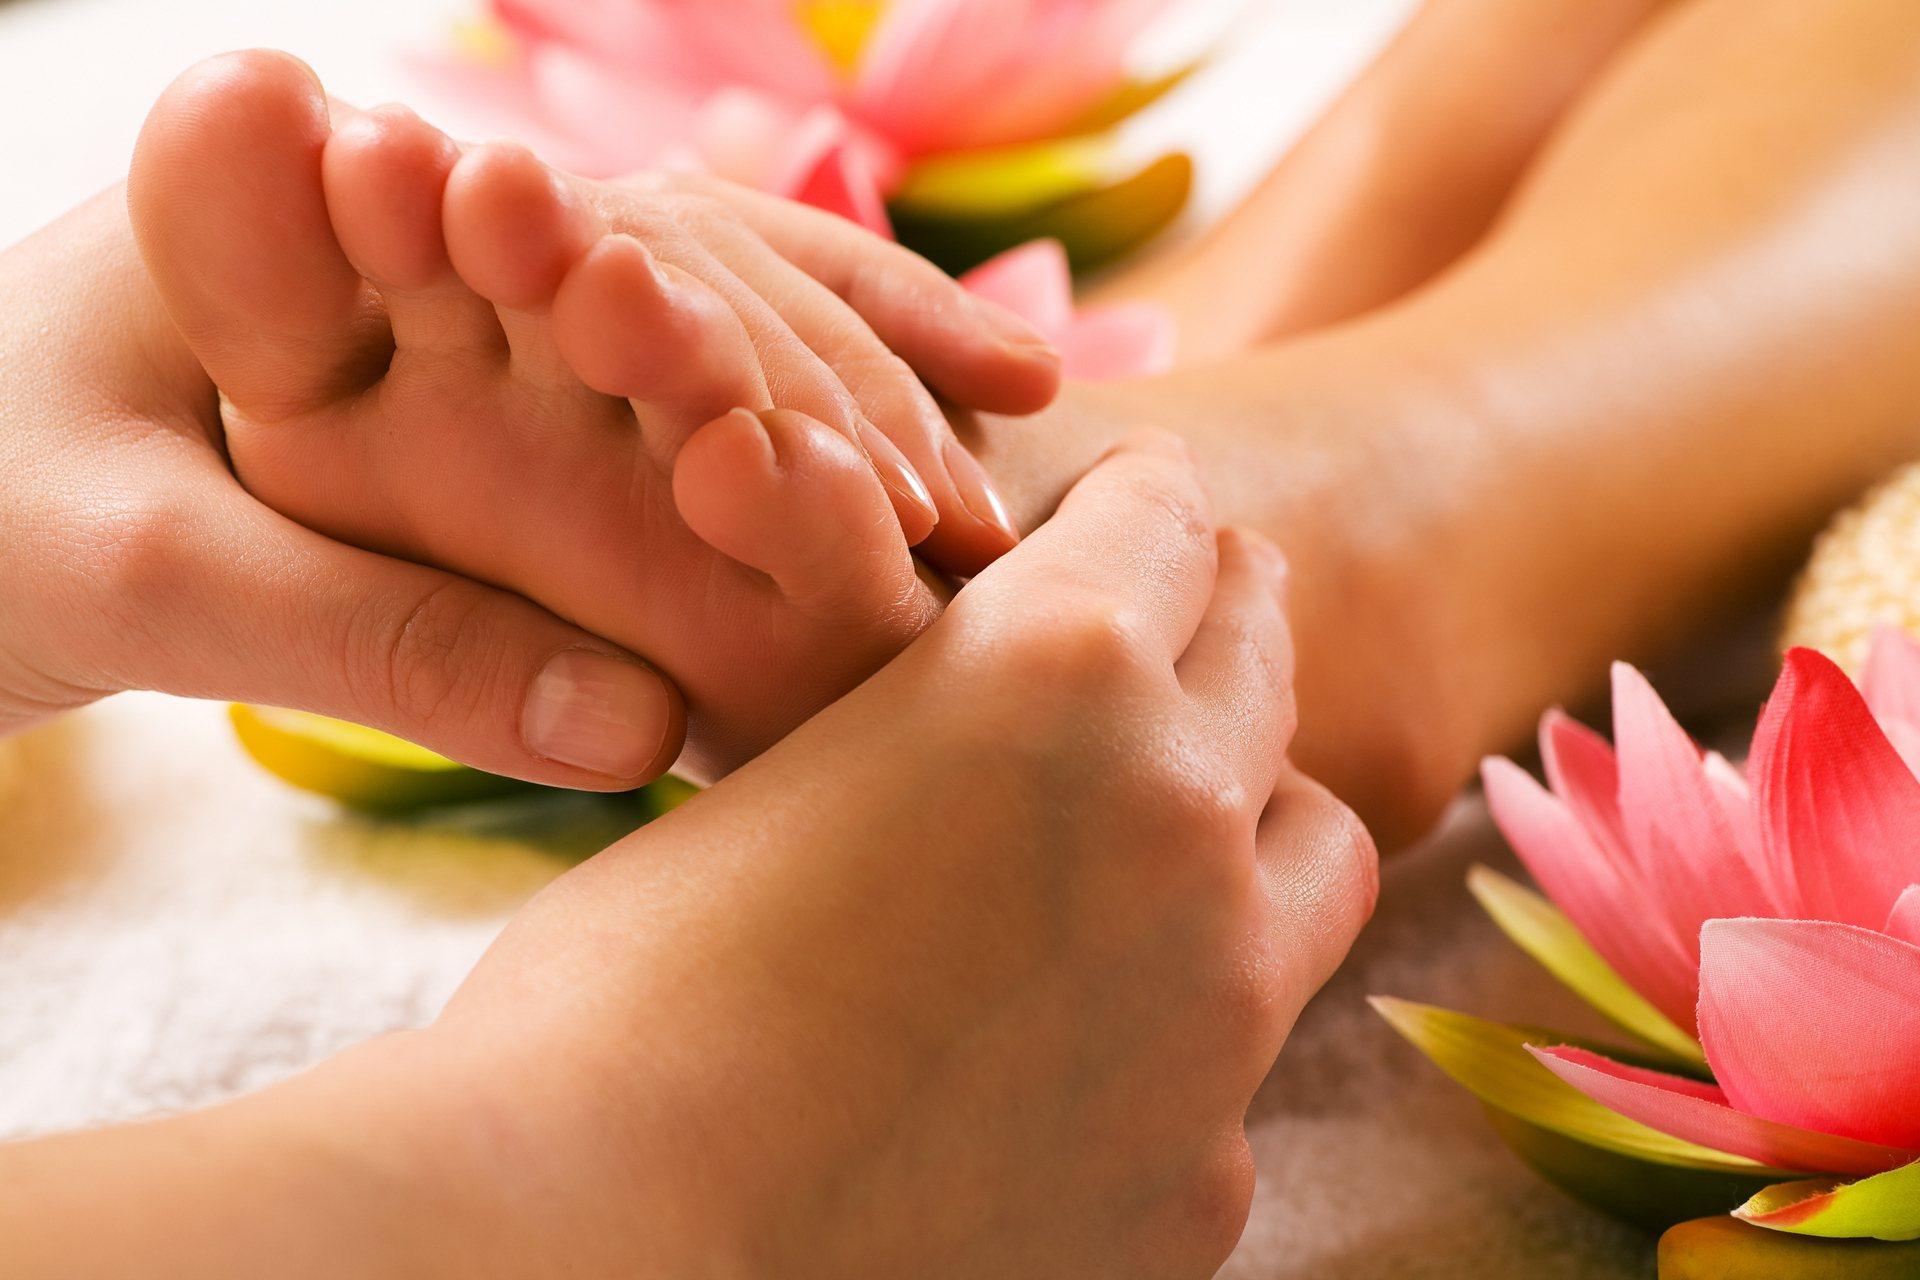 fájdalom a csípőtől a lábig ízületi dimexid kenőcs ár